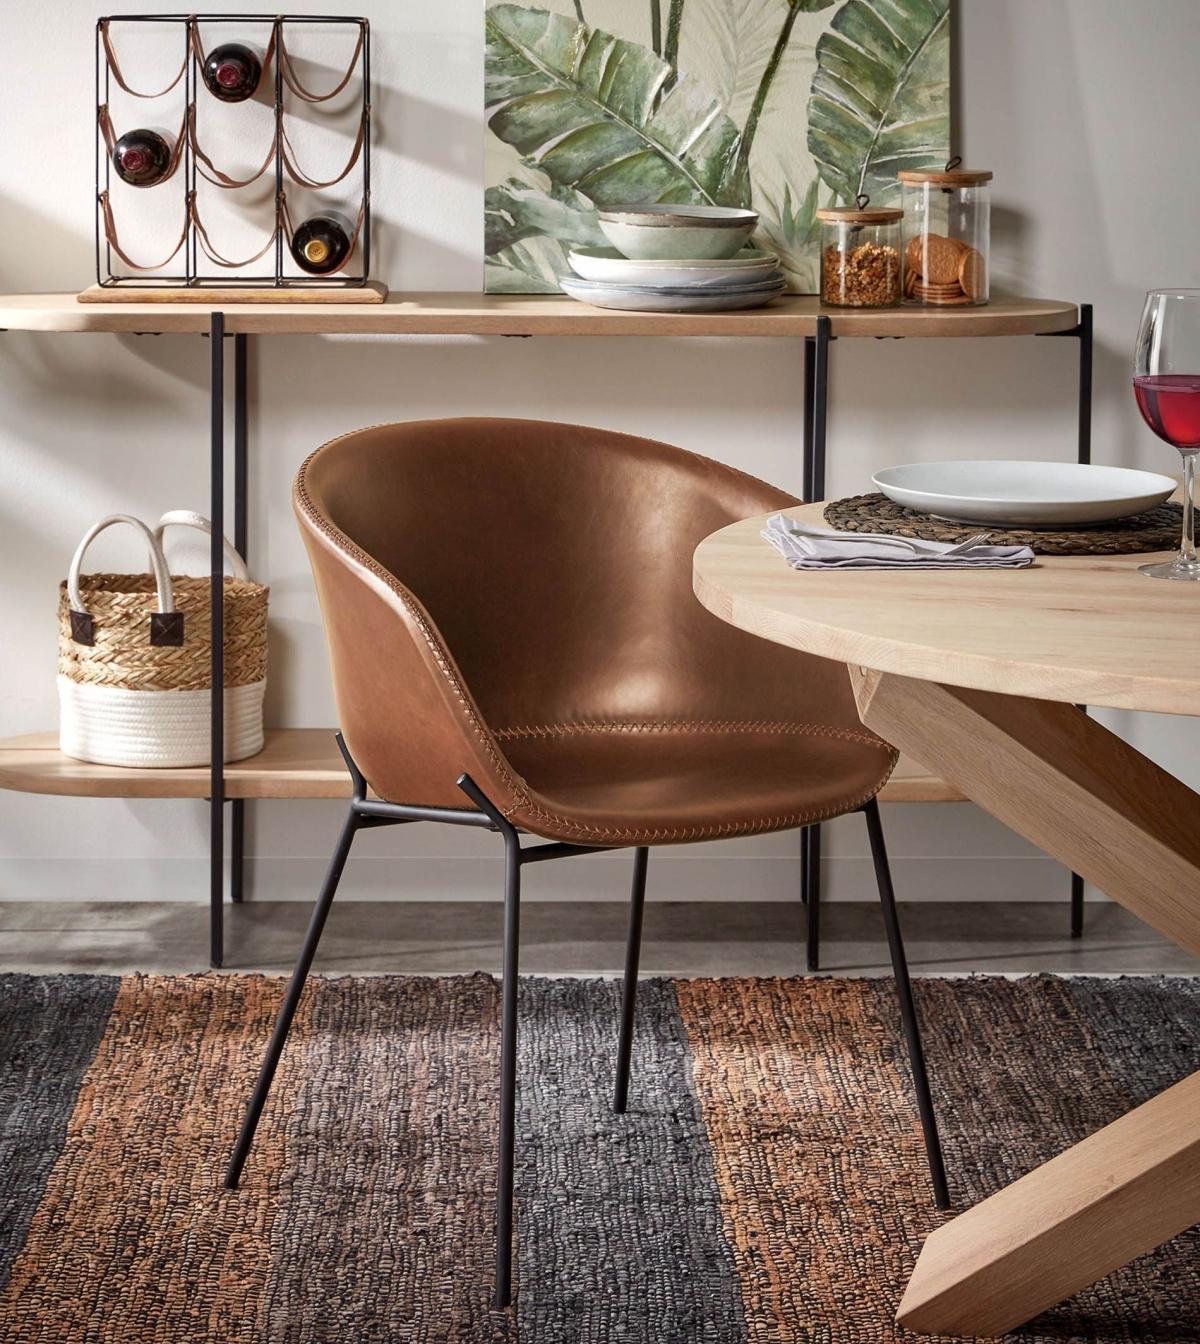 Набор предметов для обеденной группы: простой и благородный дизайн столовой